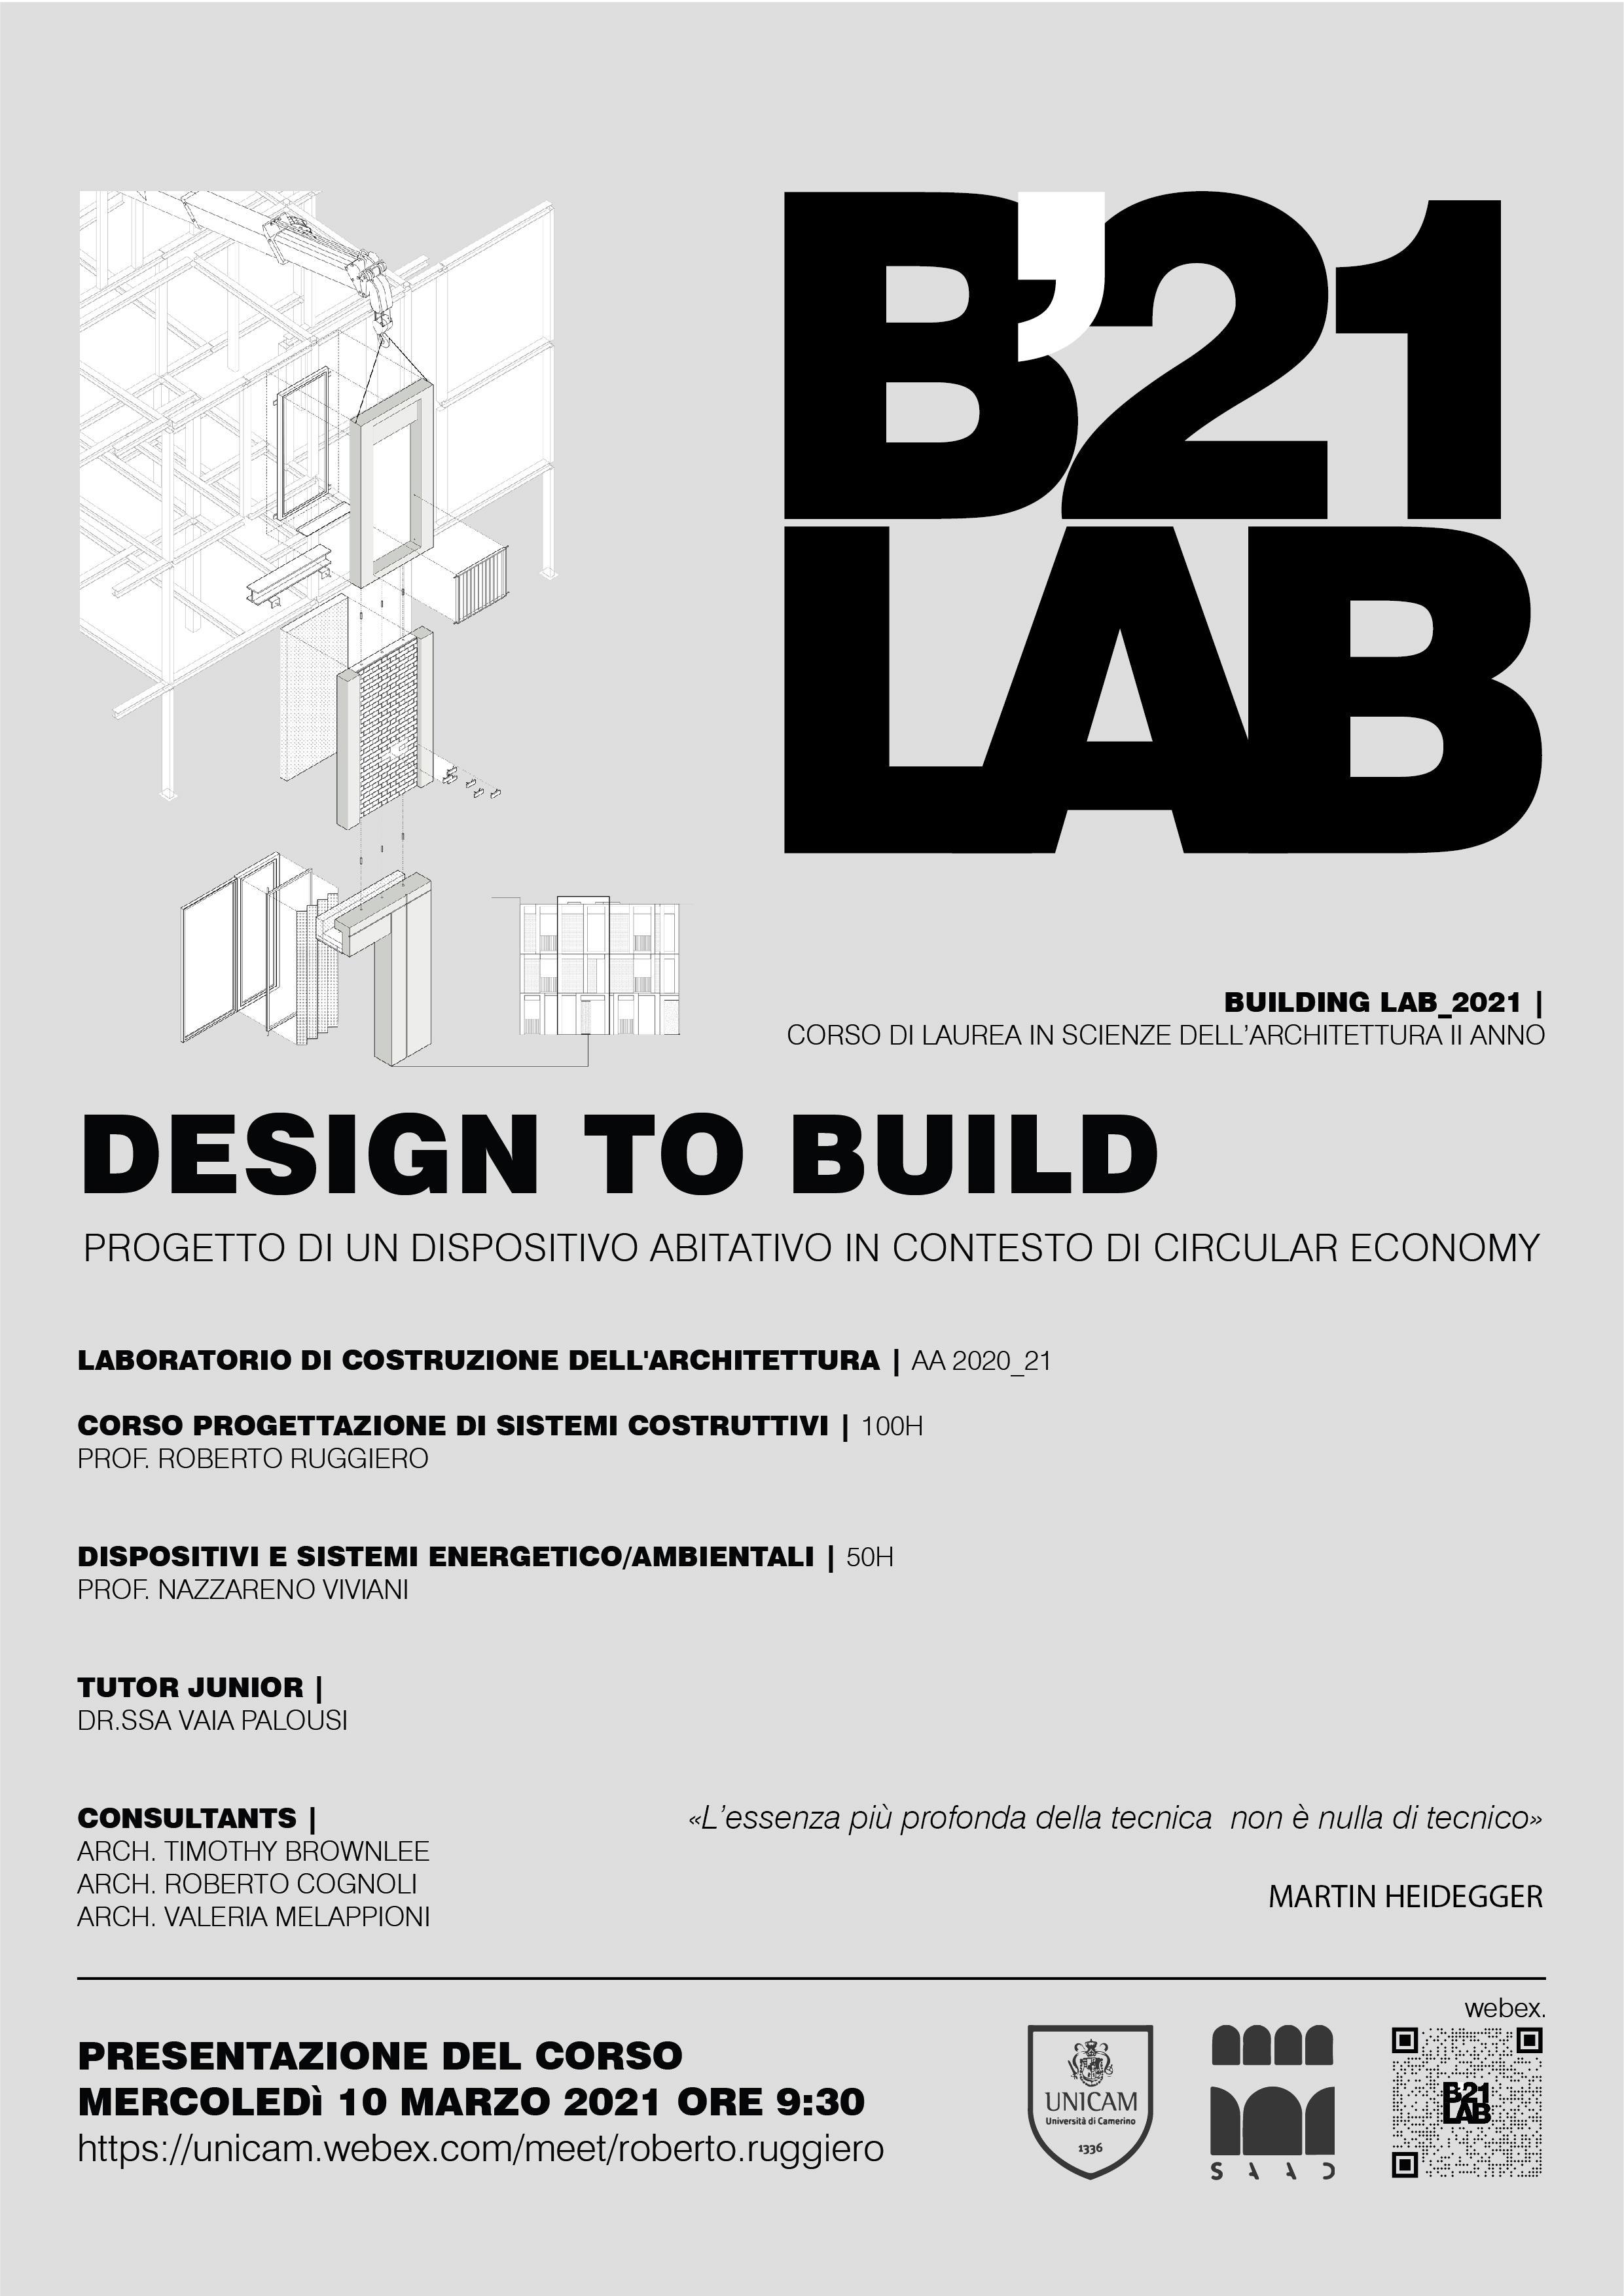 Design to build